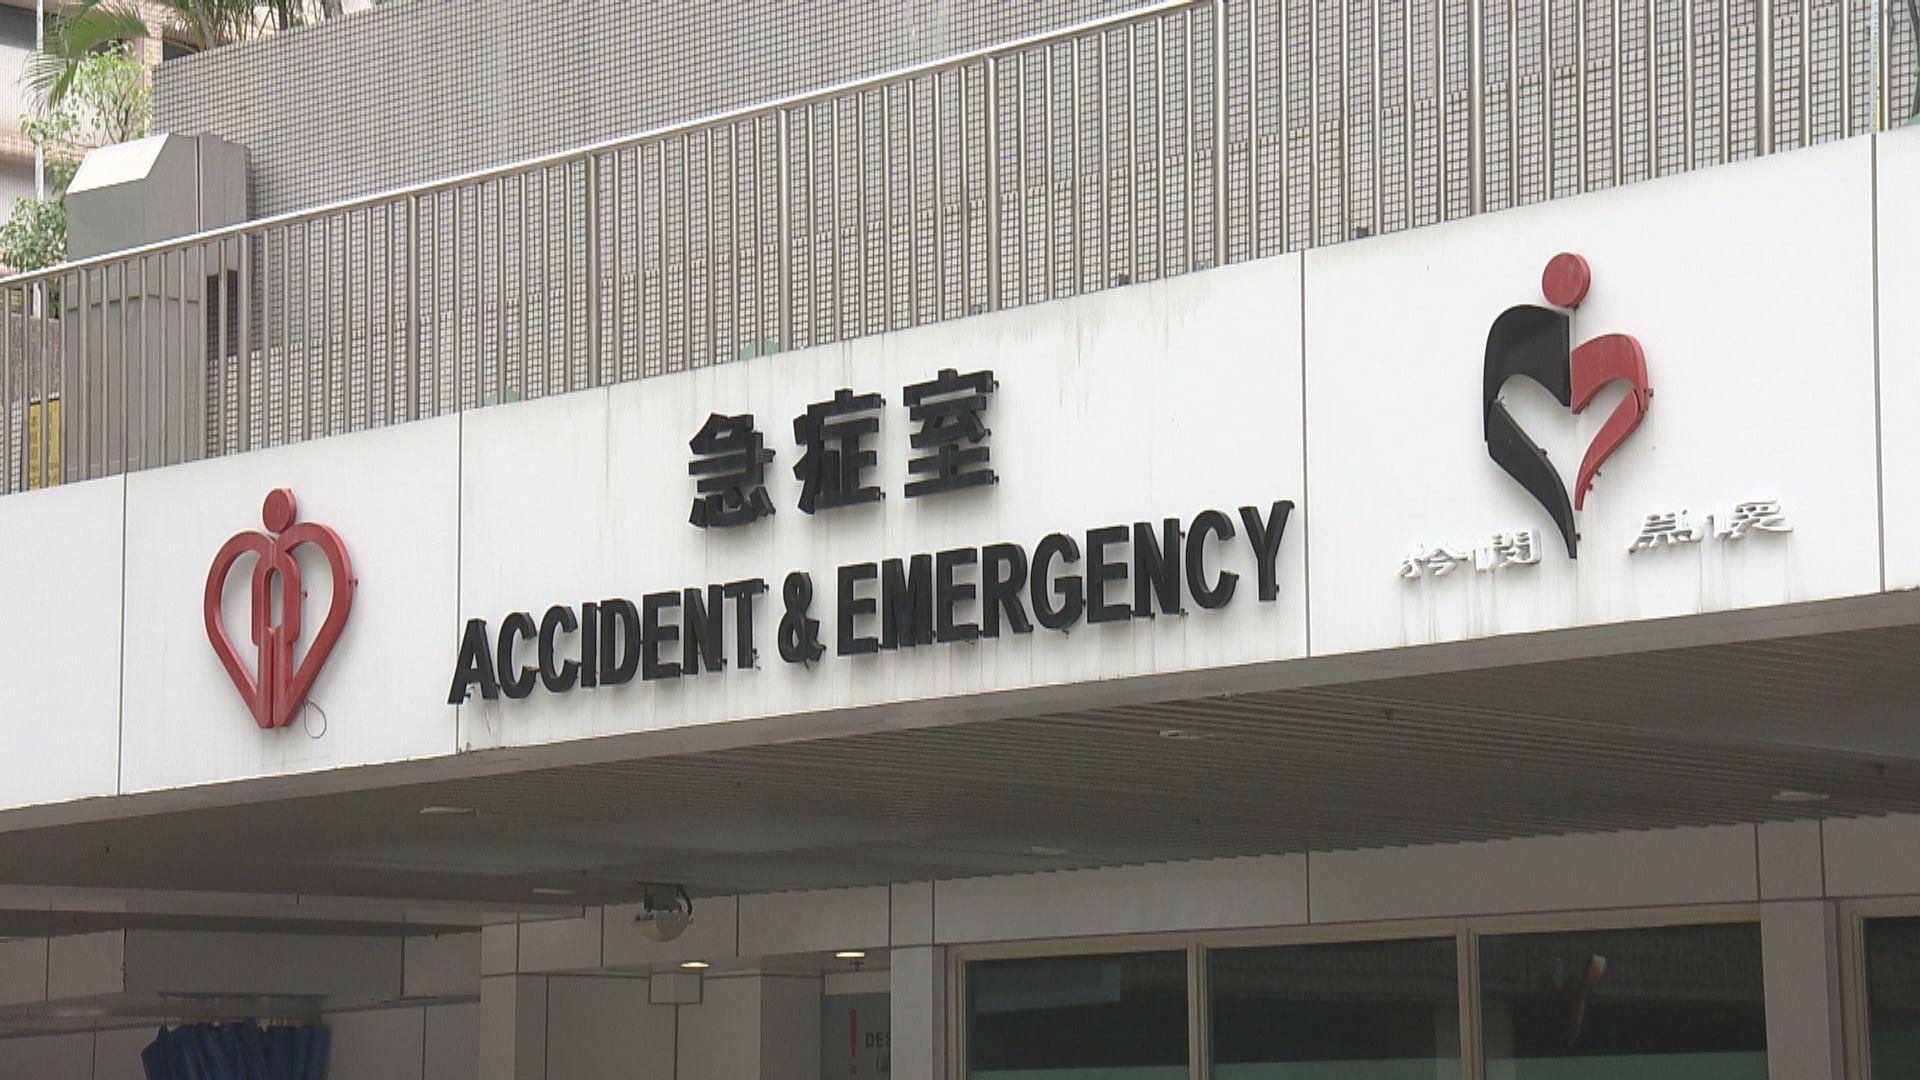 54歲男患者先後四次看私家醫生及兩次急症室